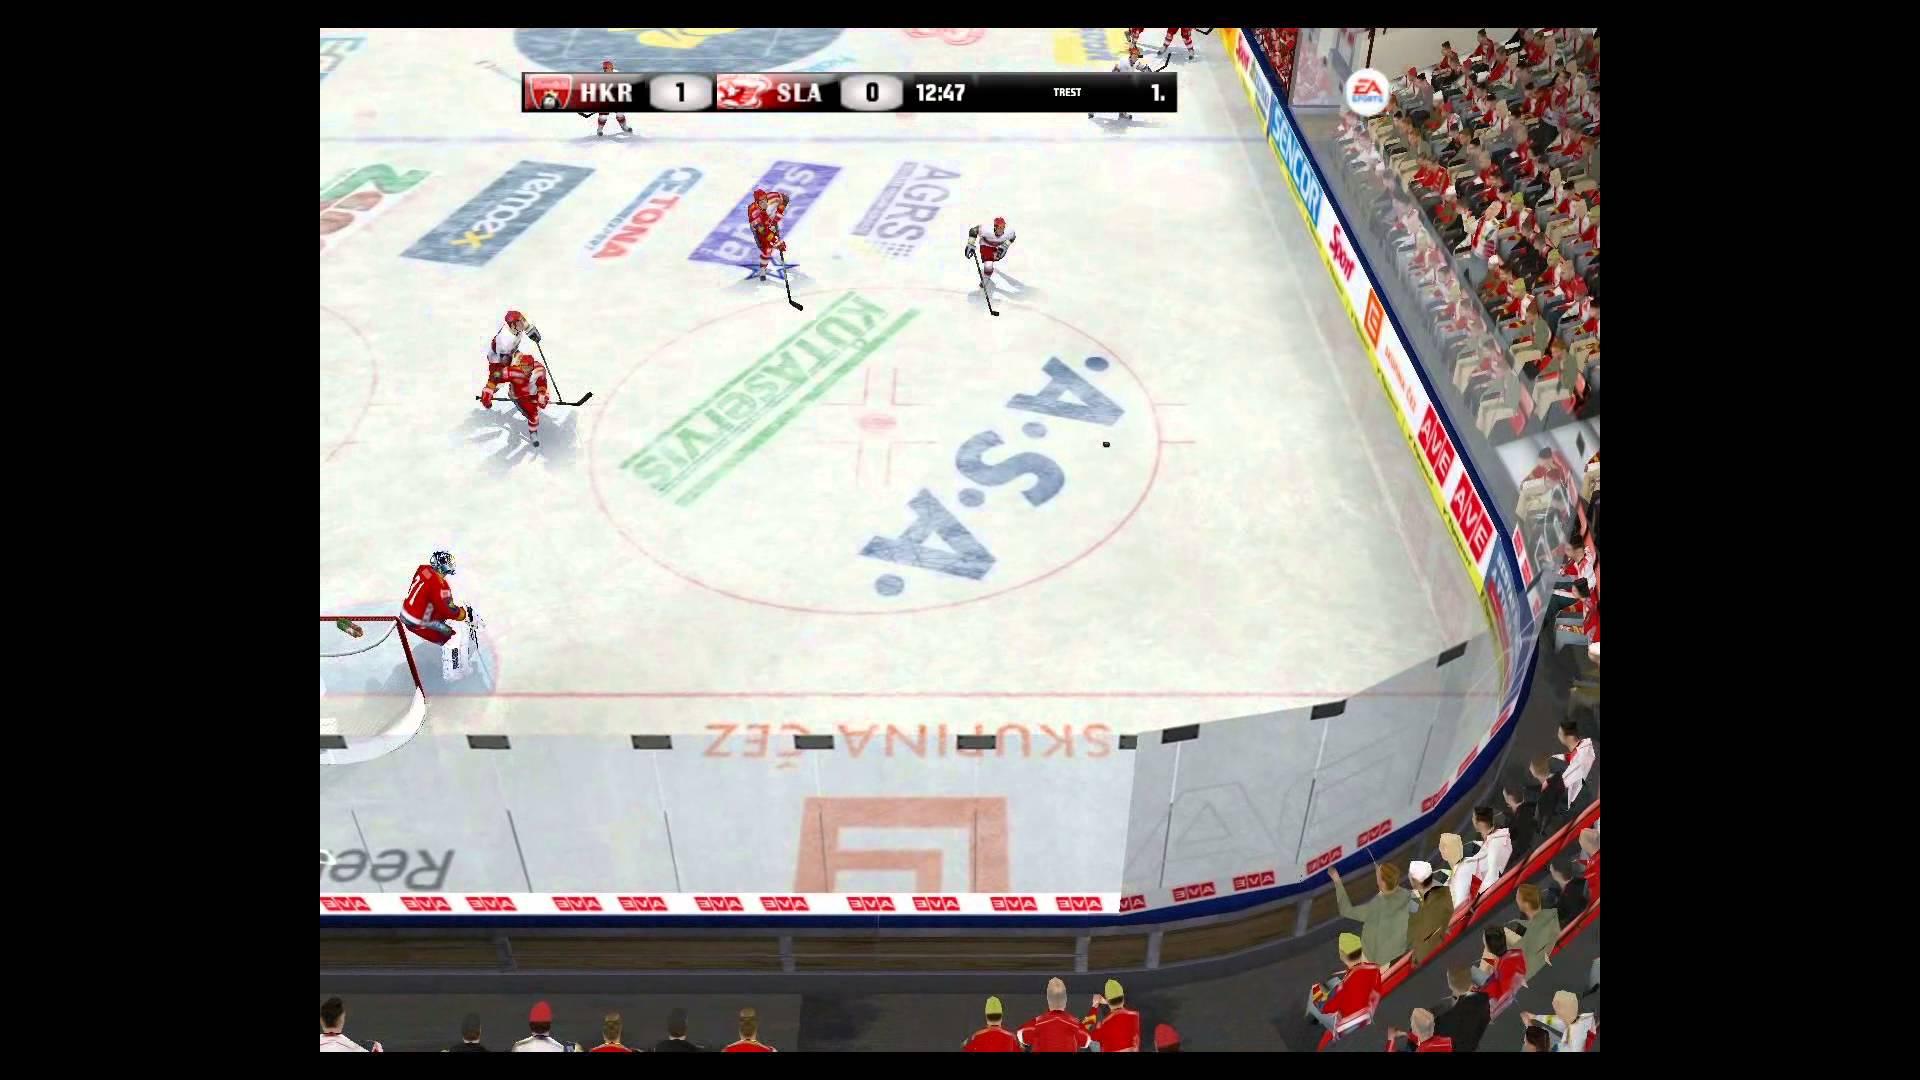 HC Slavia Praha, Led